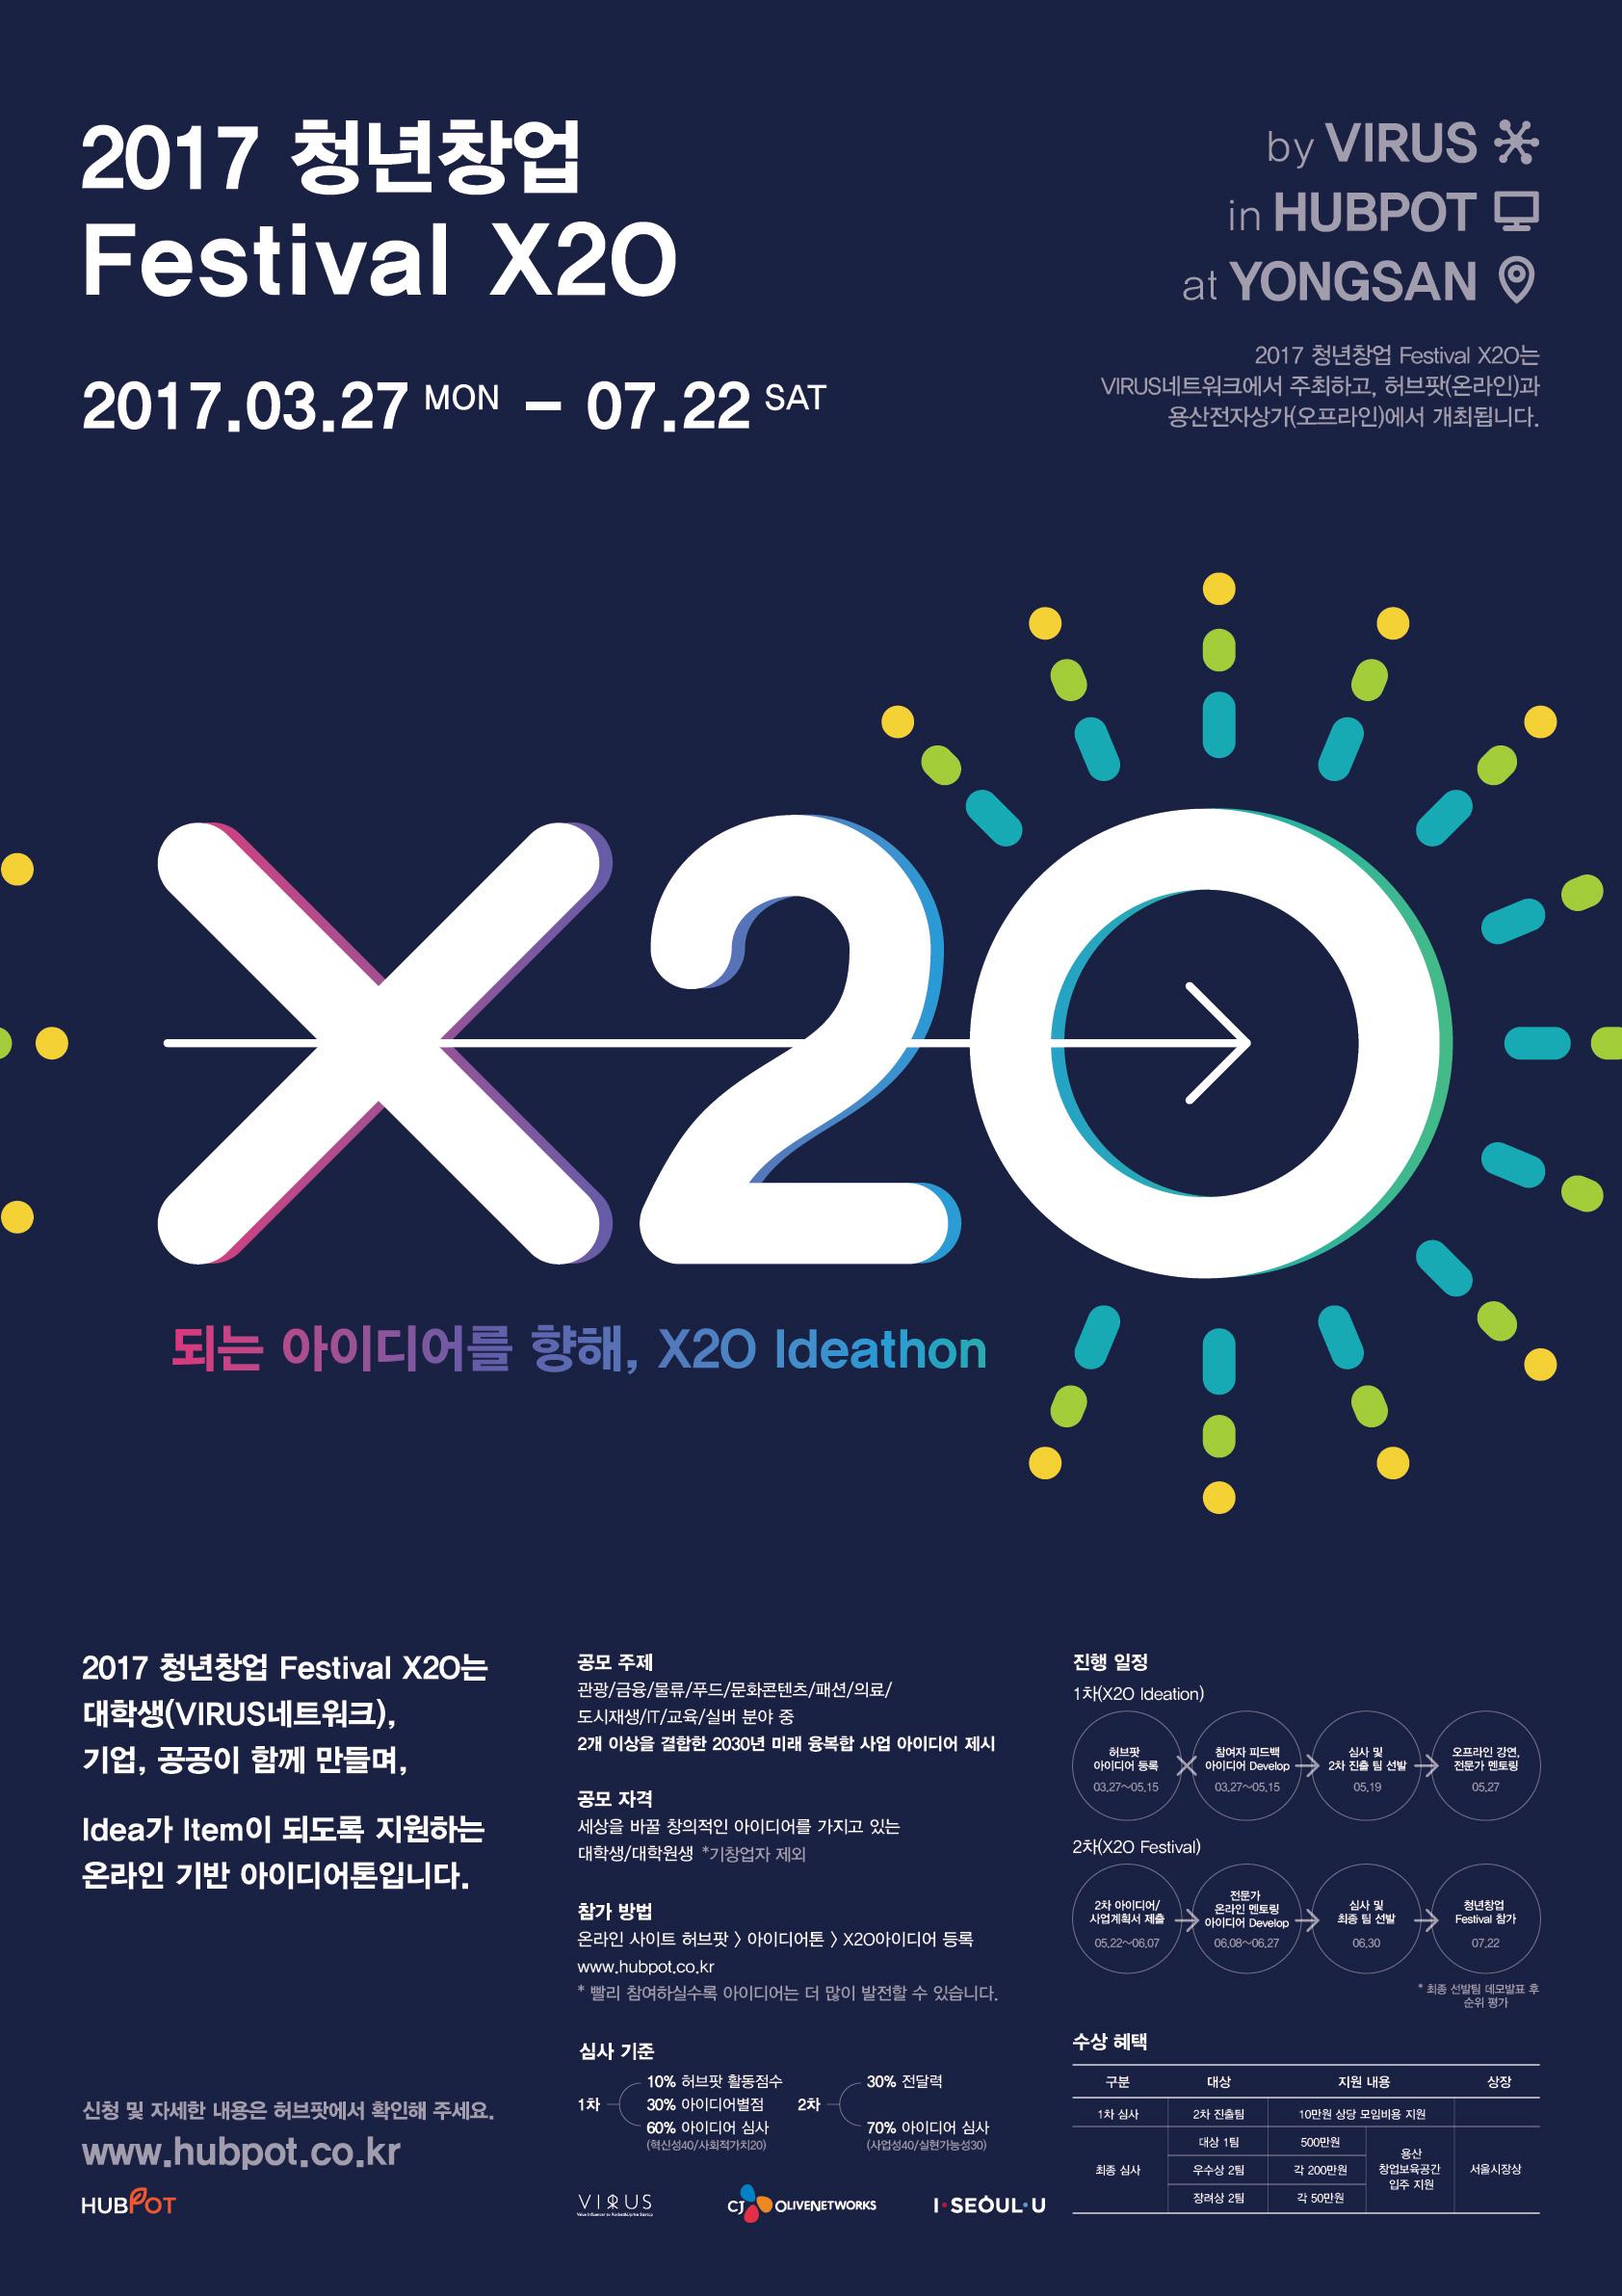 2017 청년창업 festival X2O 공모전 안내